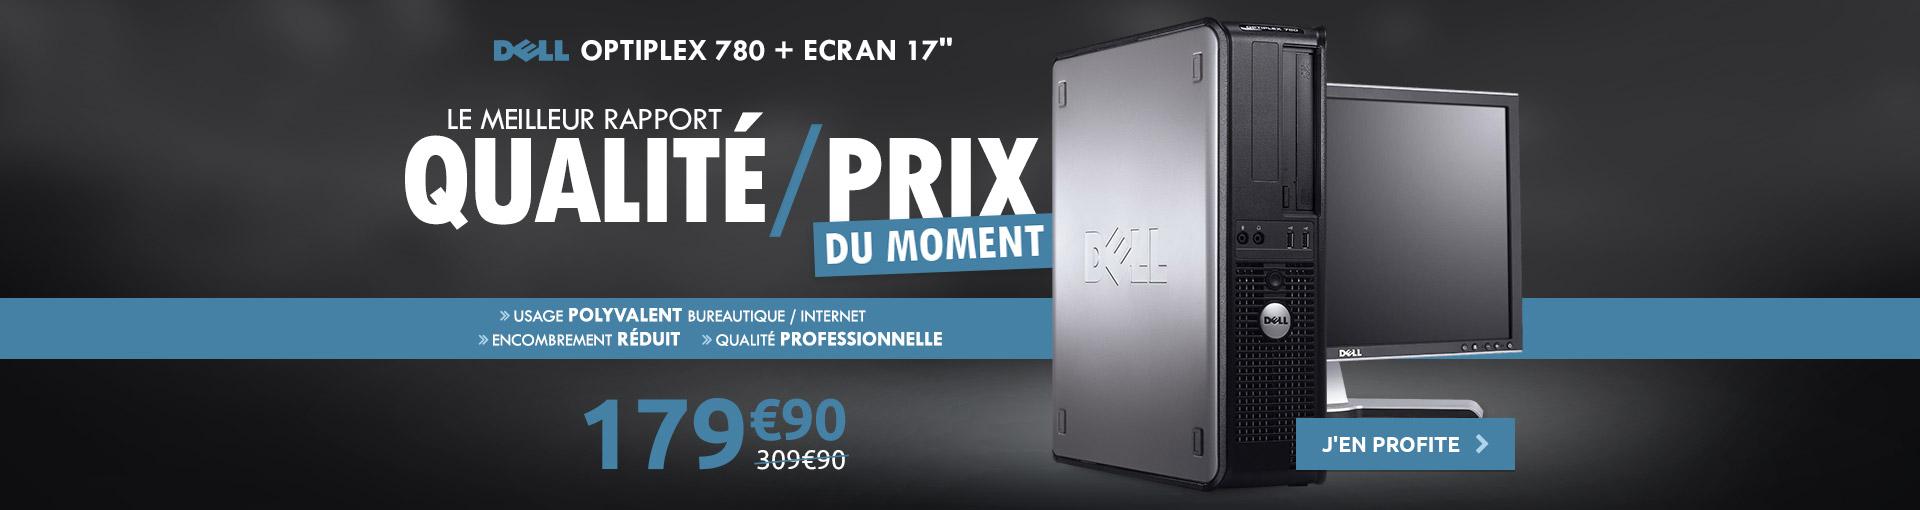 dell-optiplex-780-ecran-17